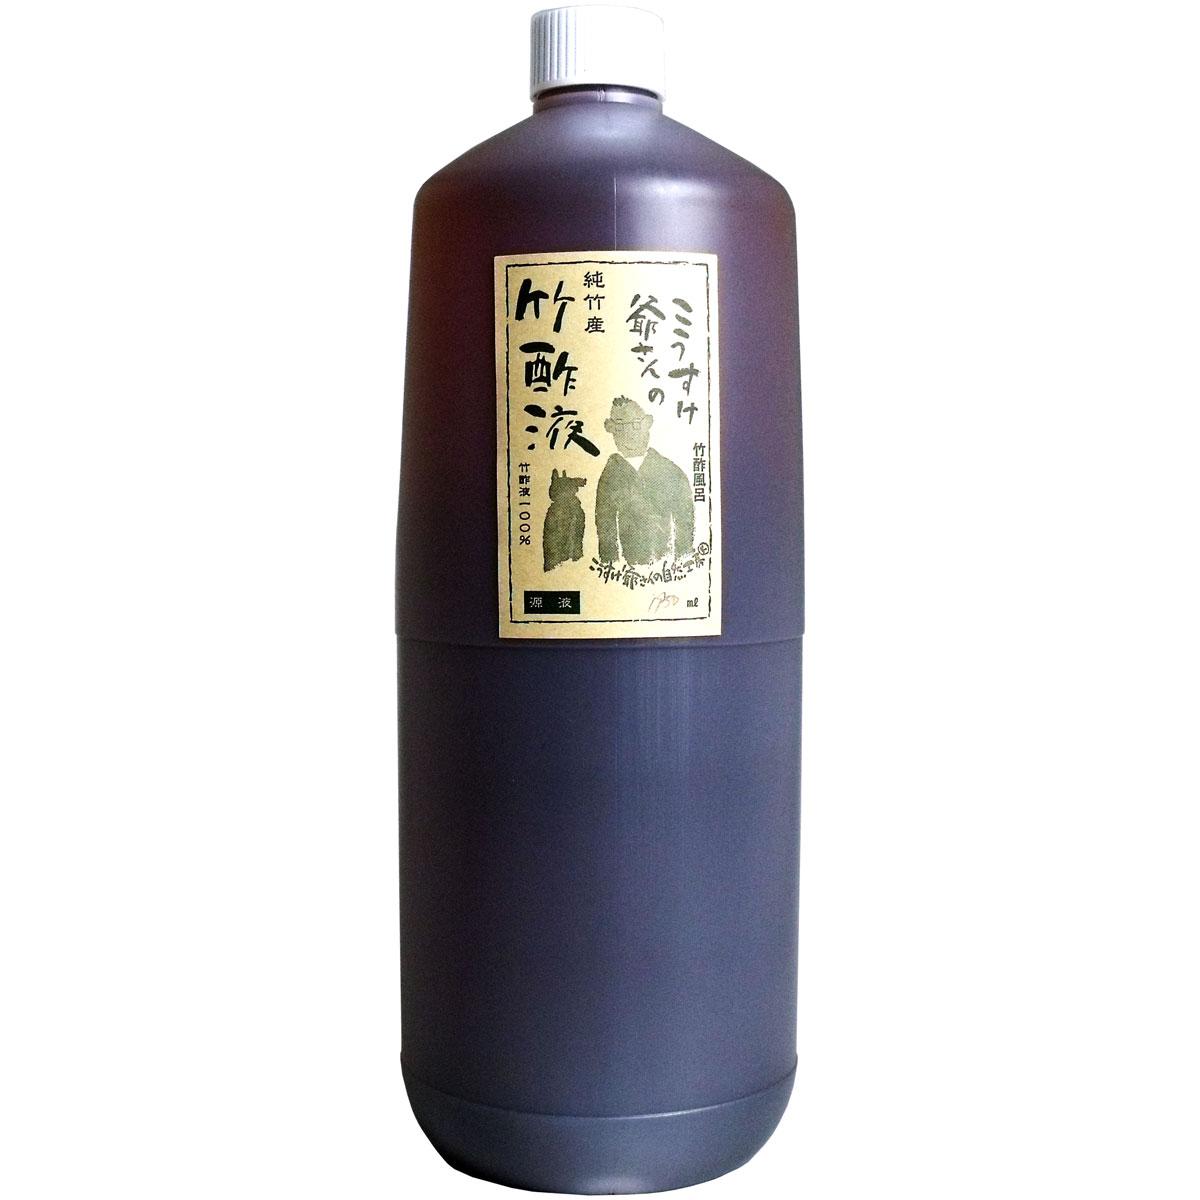 こうすけ爺さんの純竹産 竹酢液100%原液 竹酢風呂 1950mL 入浴剤にも